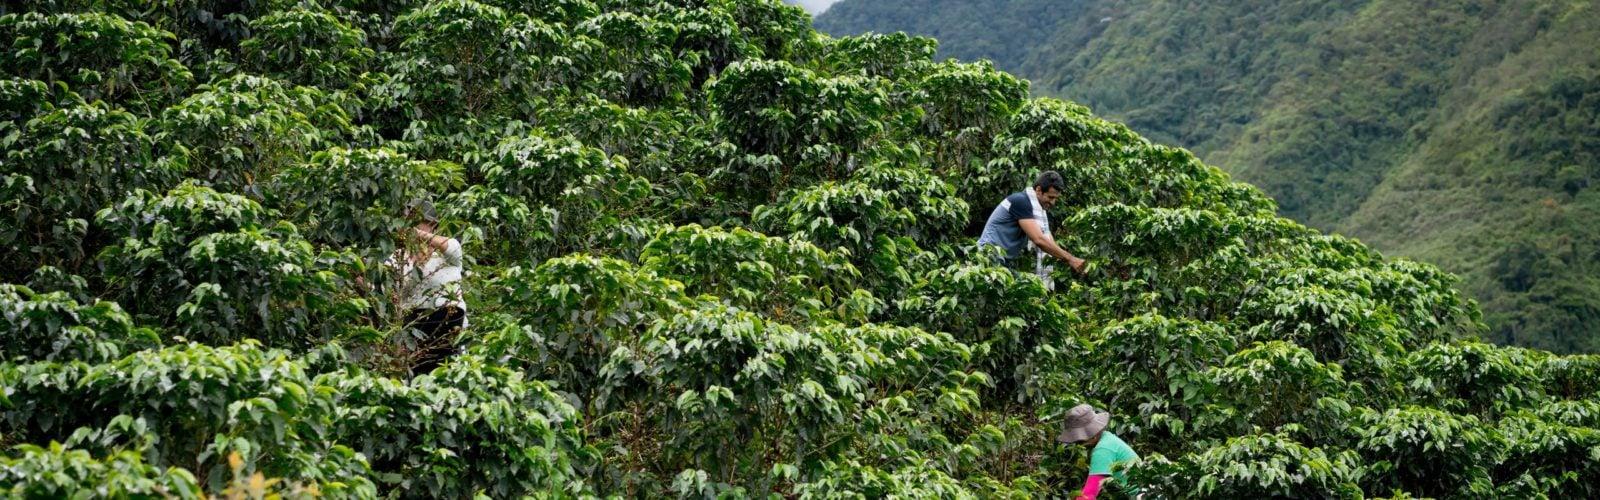 colombian-farmers-coffee-harvest